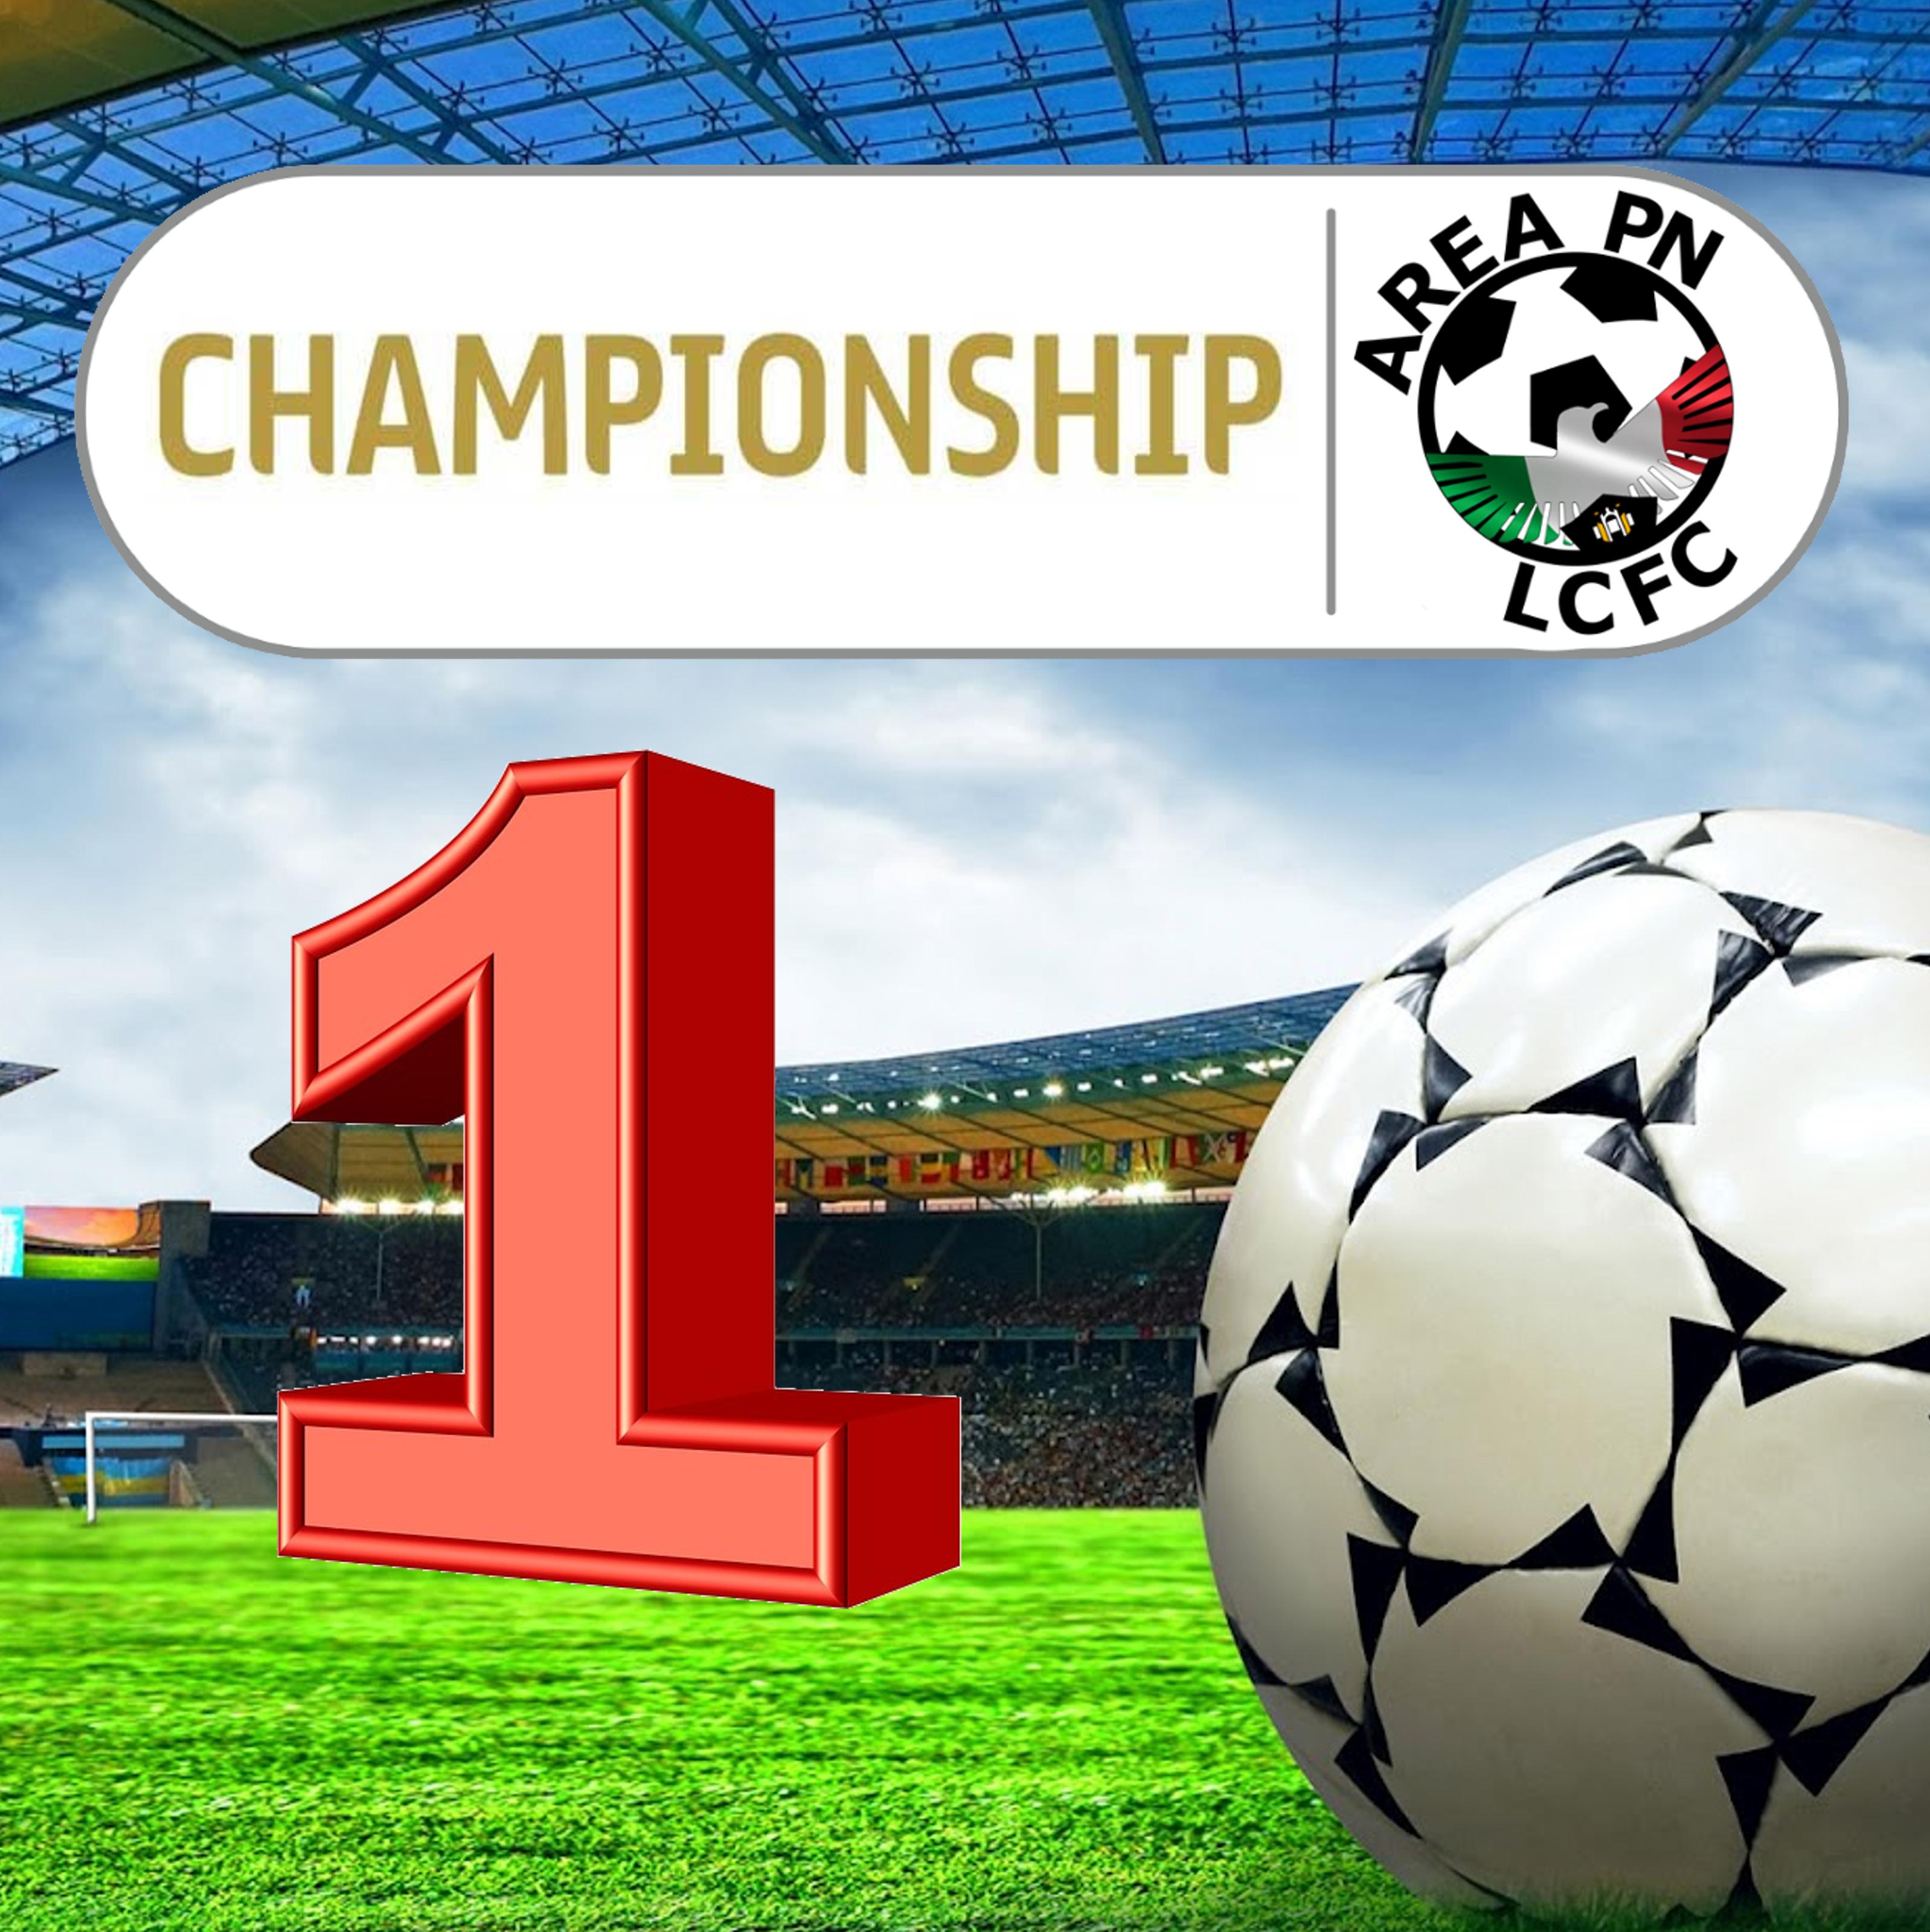 AreaPn, Championship 1: Staccata Valcolvera in attesa dell'atto finale